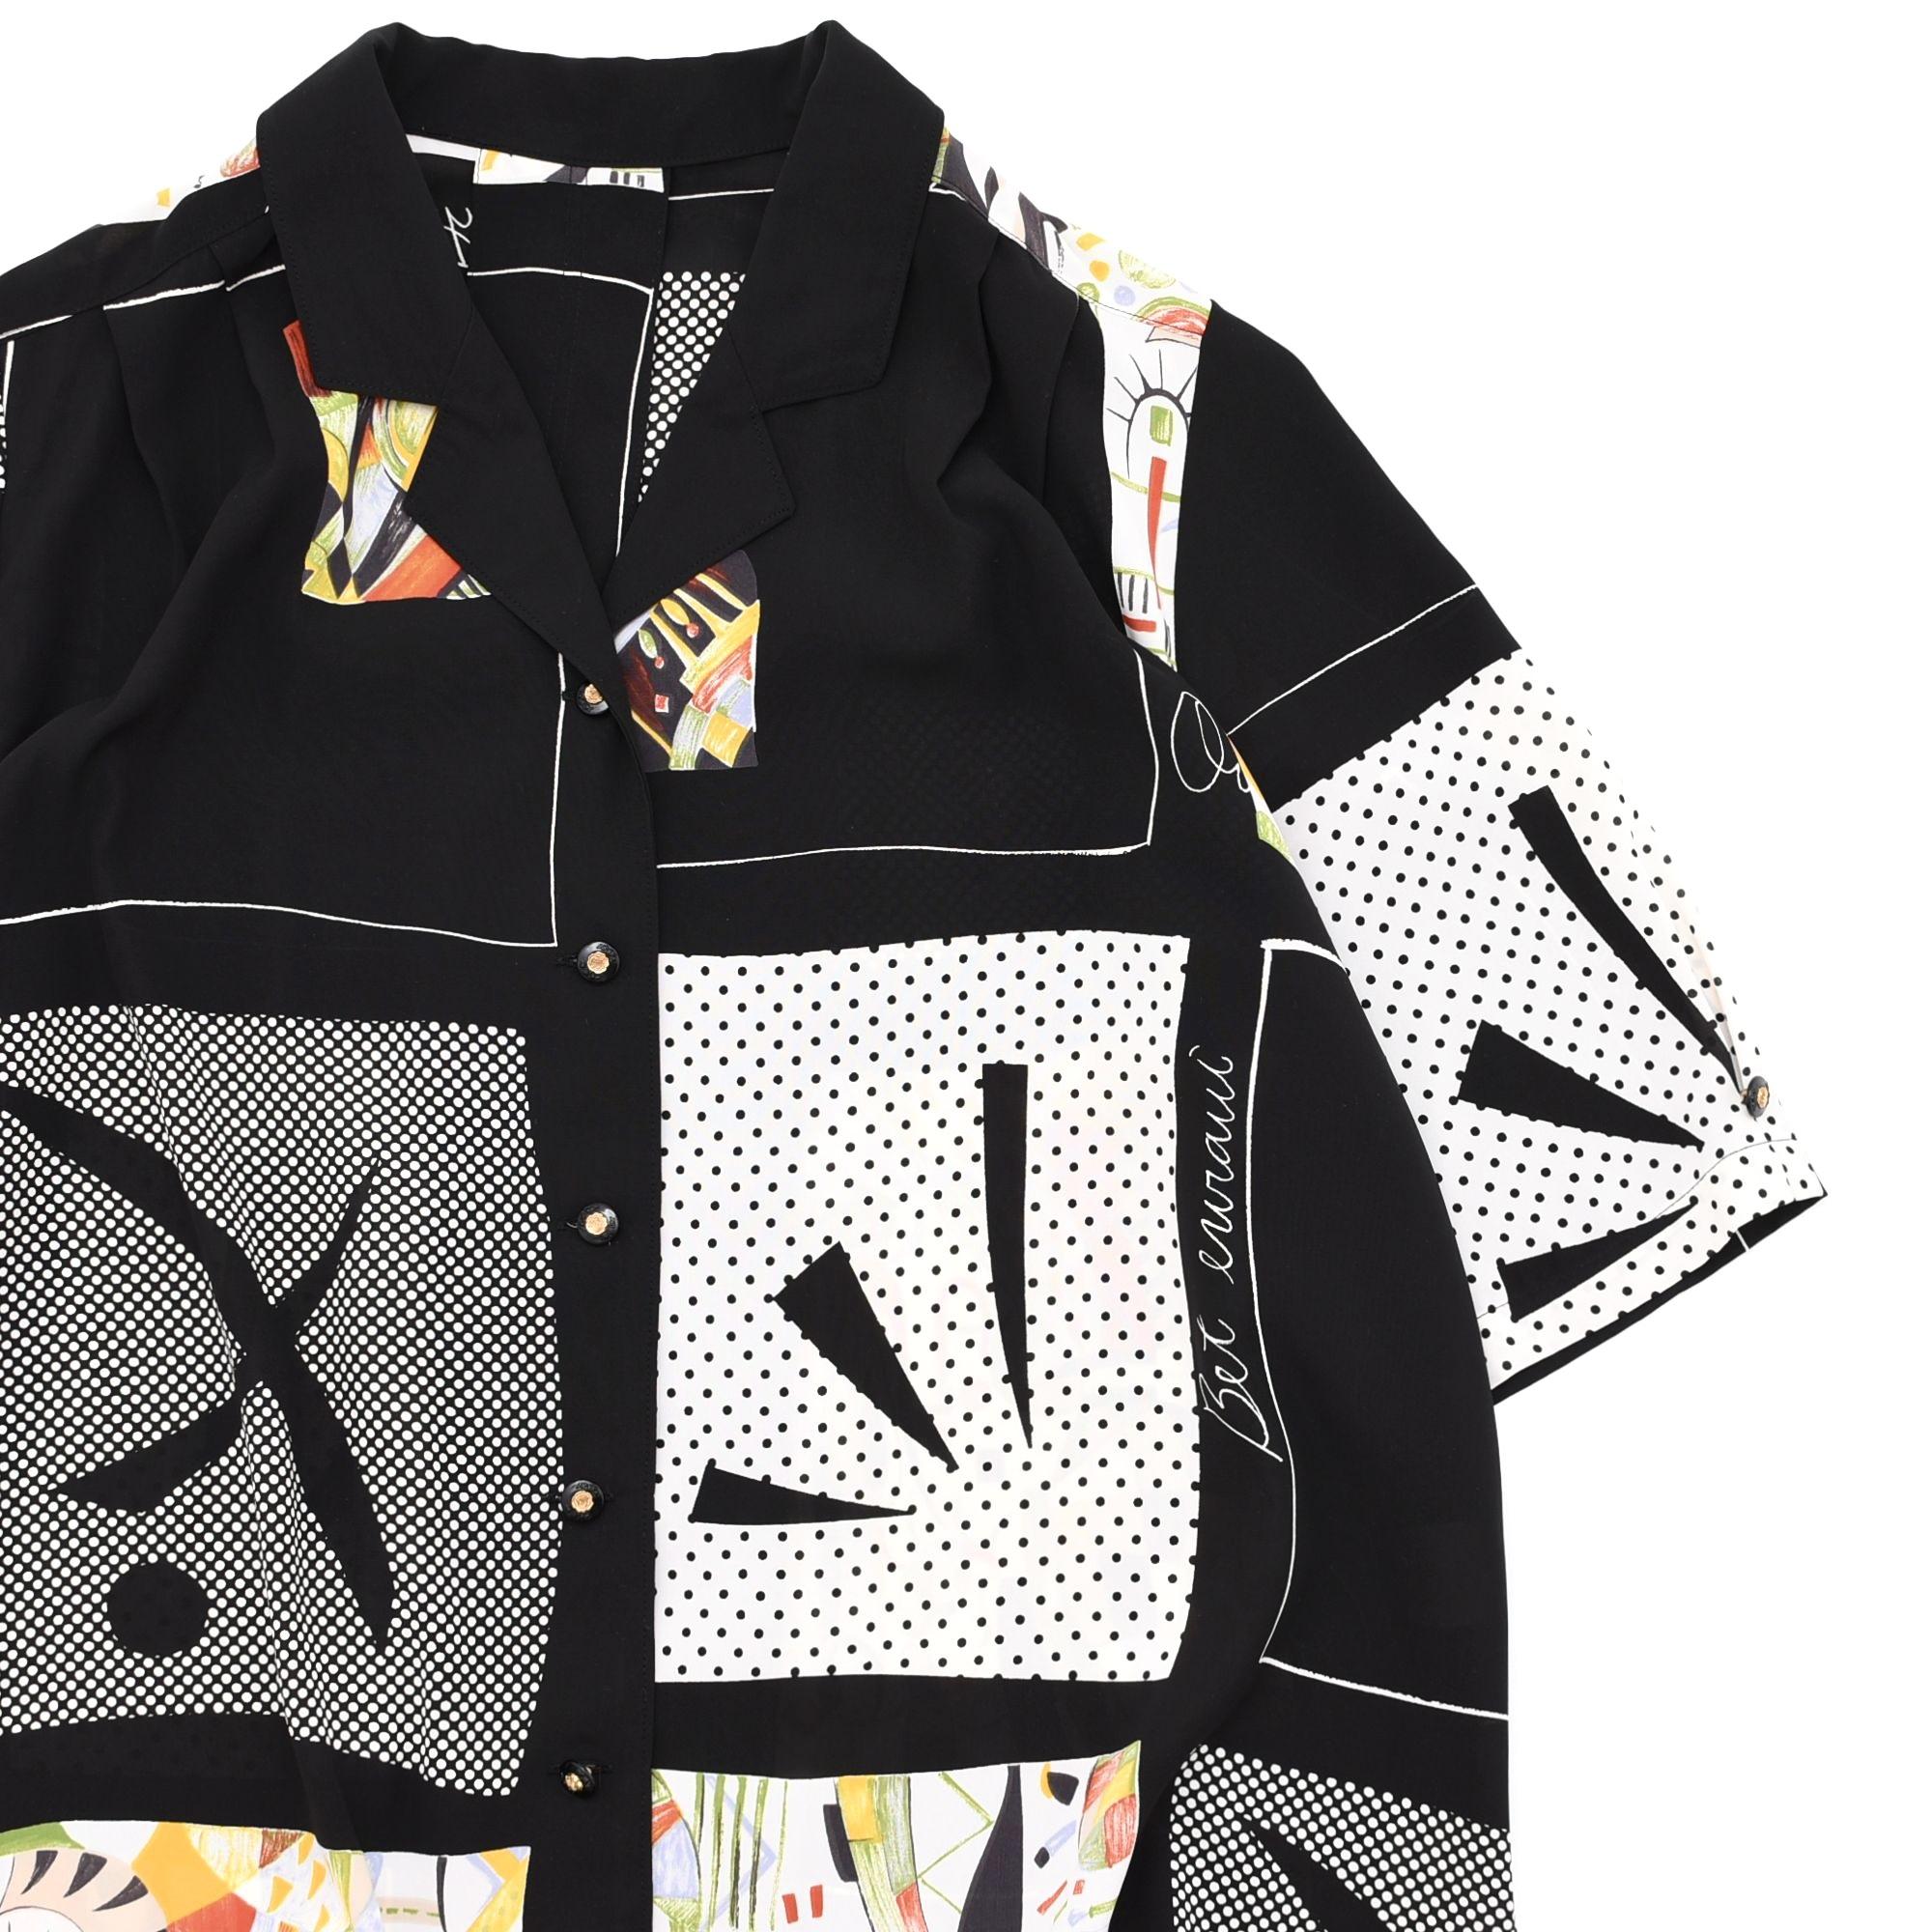 JAPAN vtg Modern art design notched lapel shirt Made in JAPAN